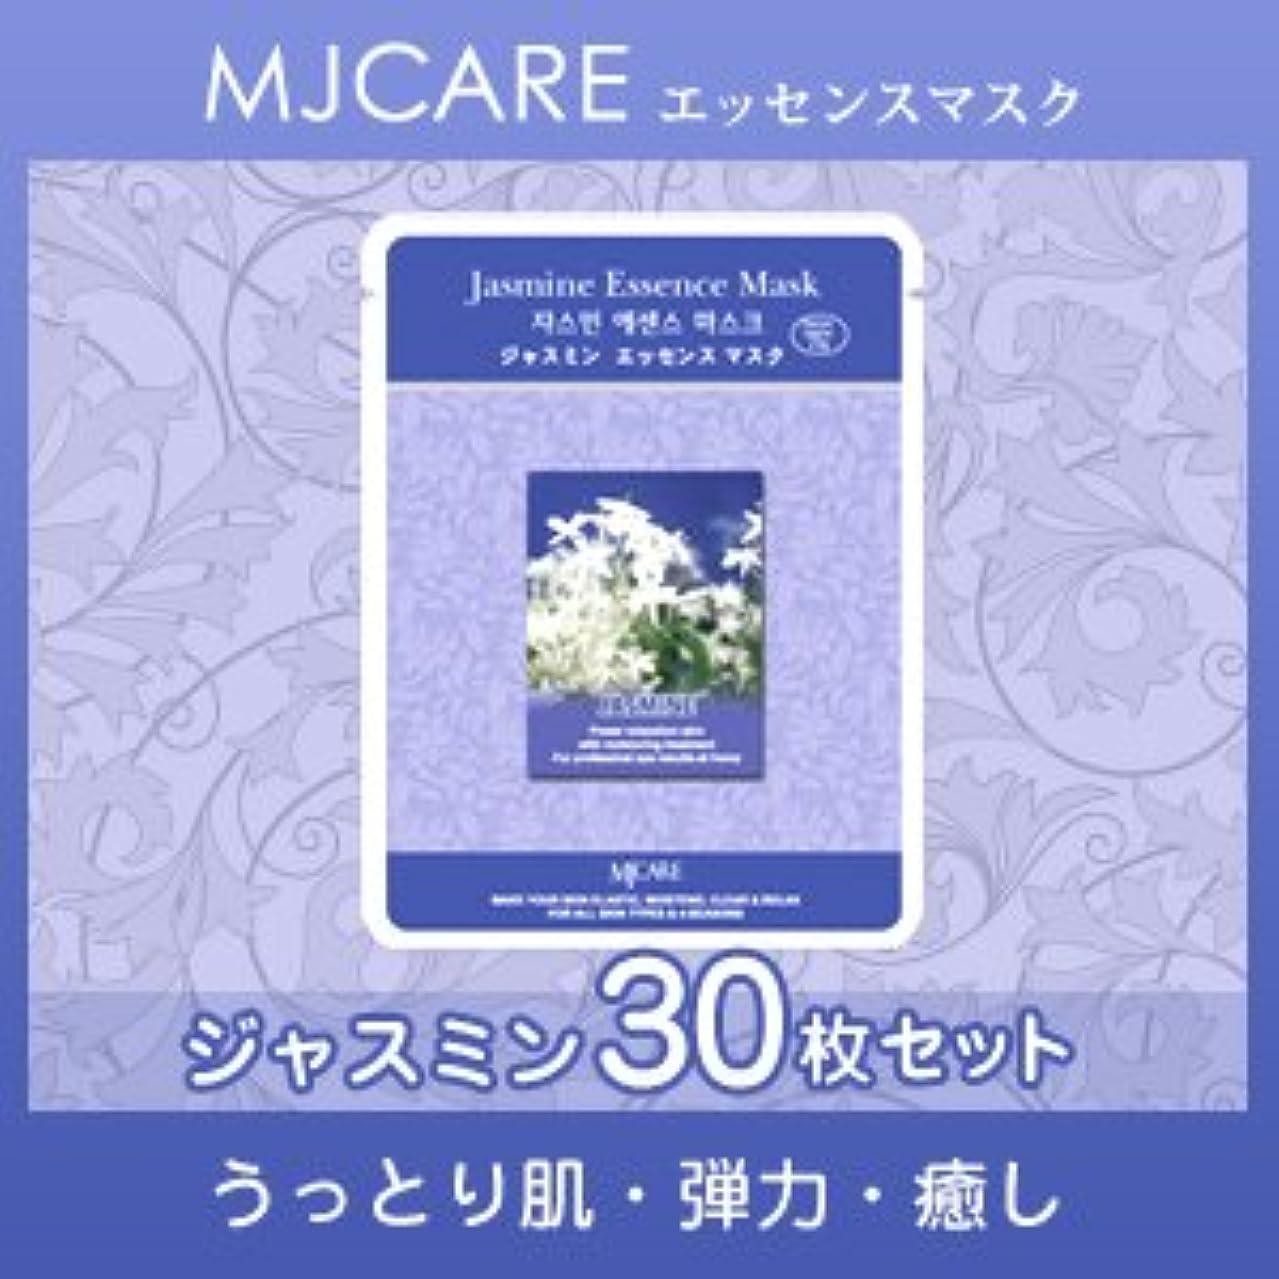 まだビルマMJCARE (エムジェイケア) ジャスミン エッセンスマスク 30セット